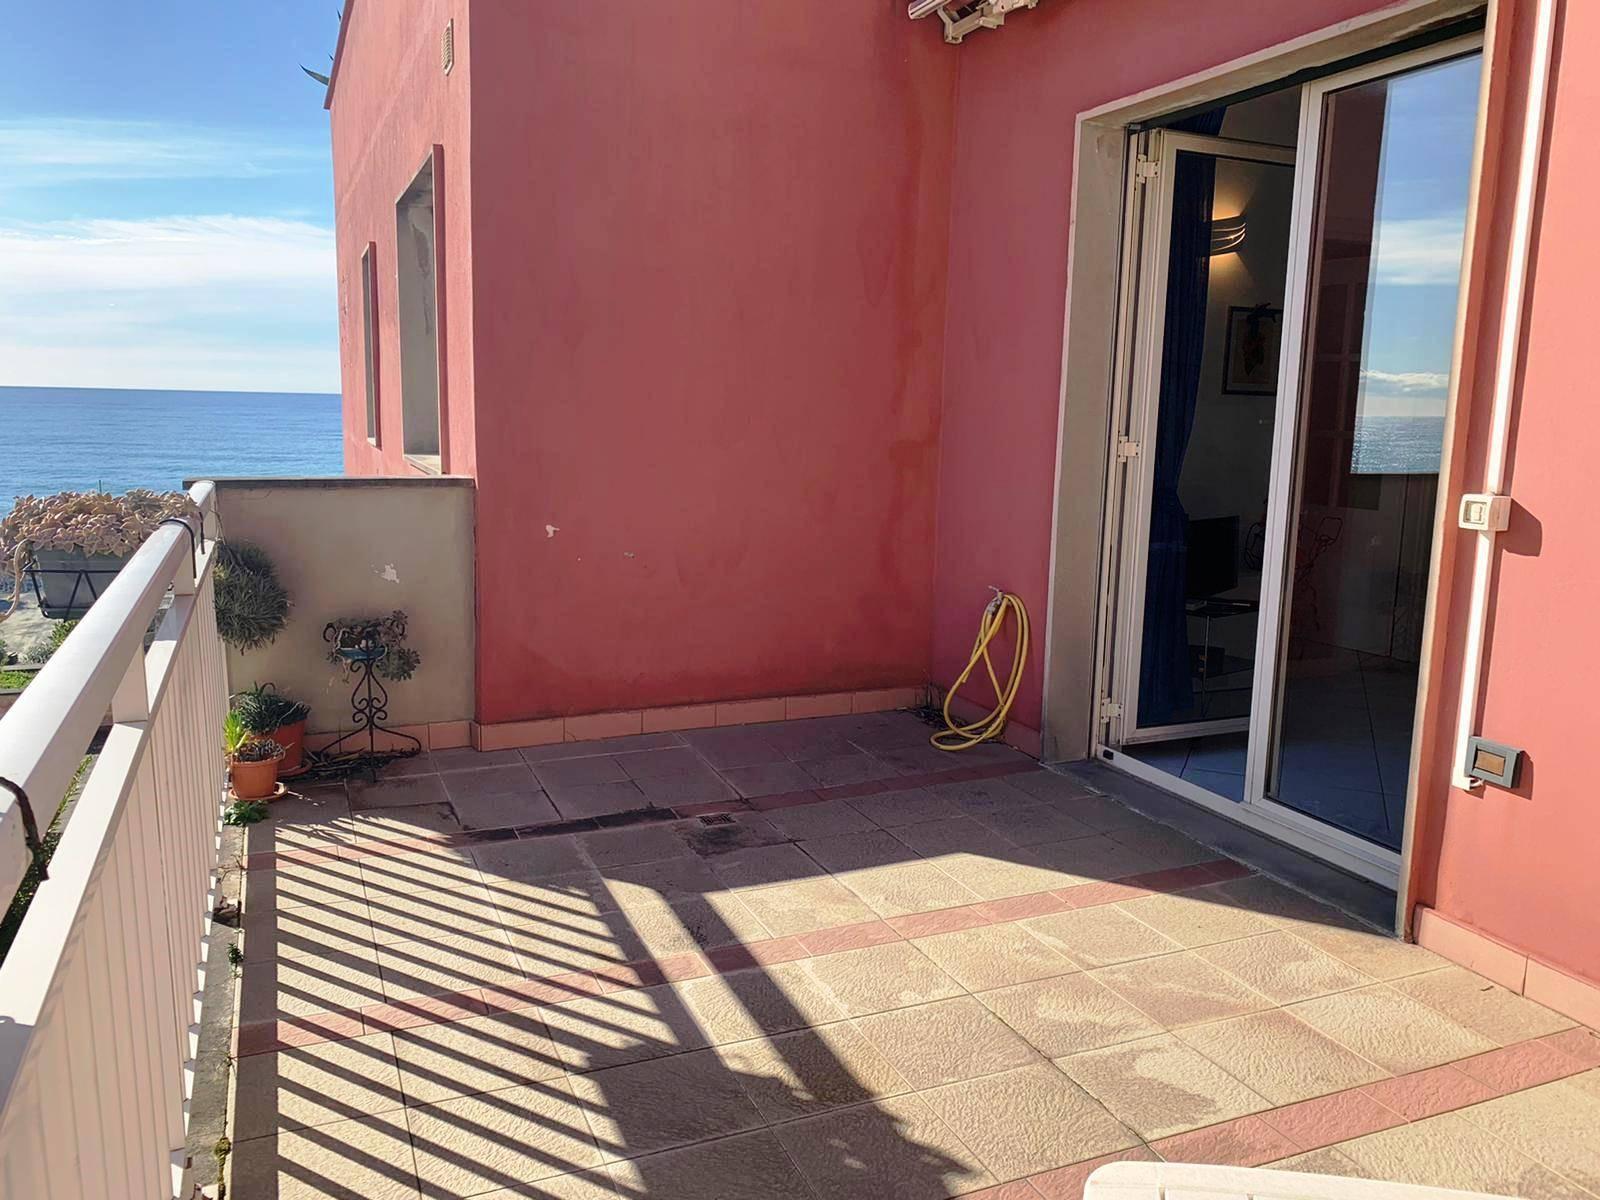 Appartamento in vendita a Arenzano, 2 locali, prezzo € 248.000 | CambioCasa.it